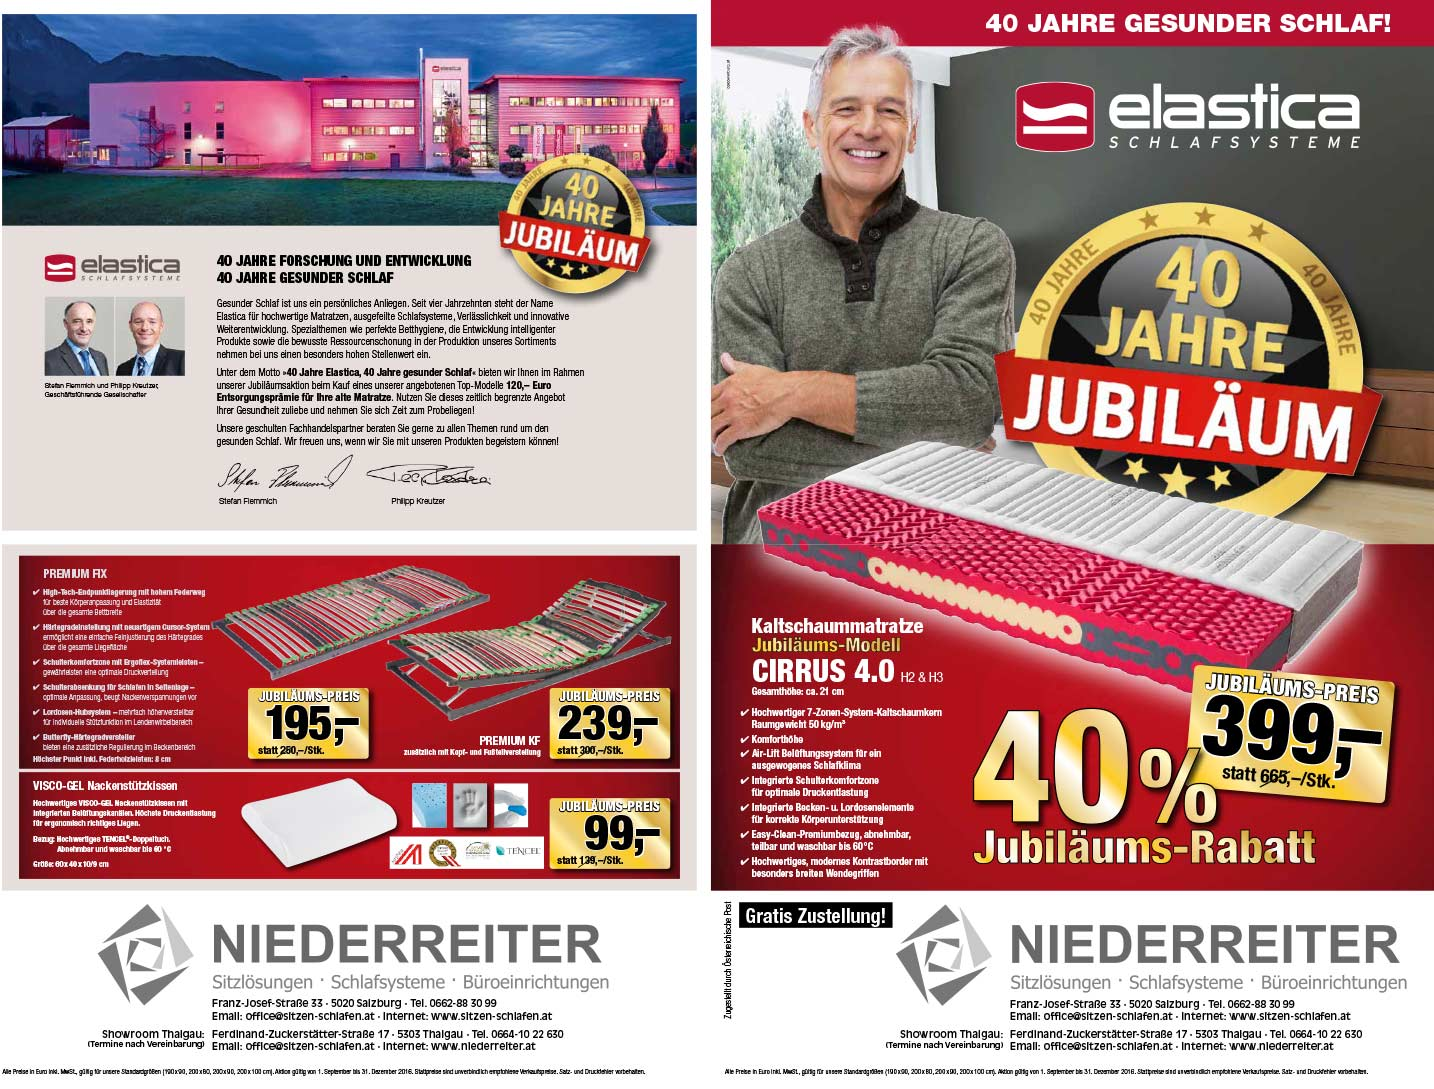 Niederreiter_elastica_40Jahre_herbst2016-1